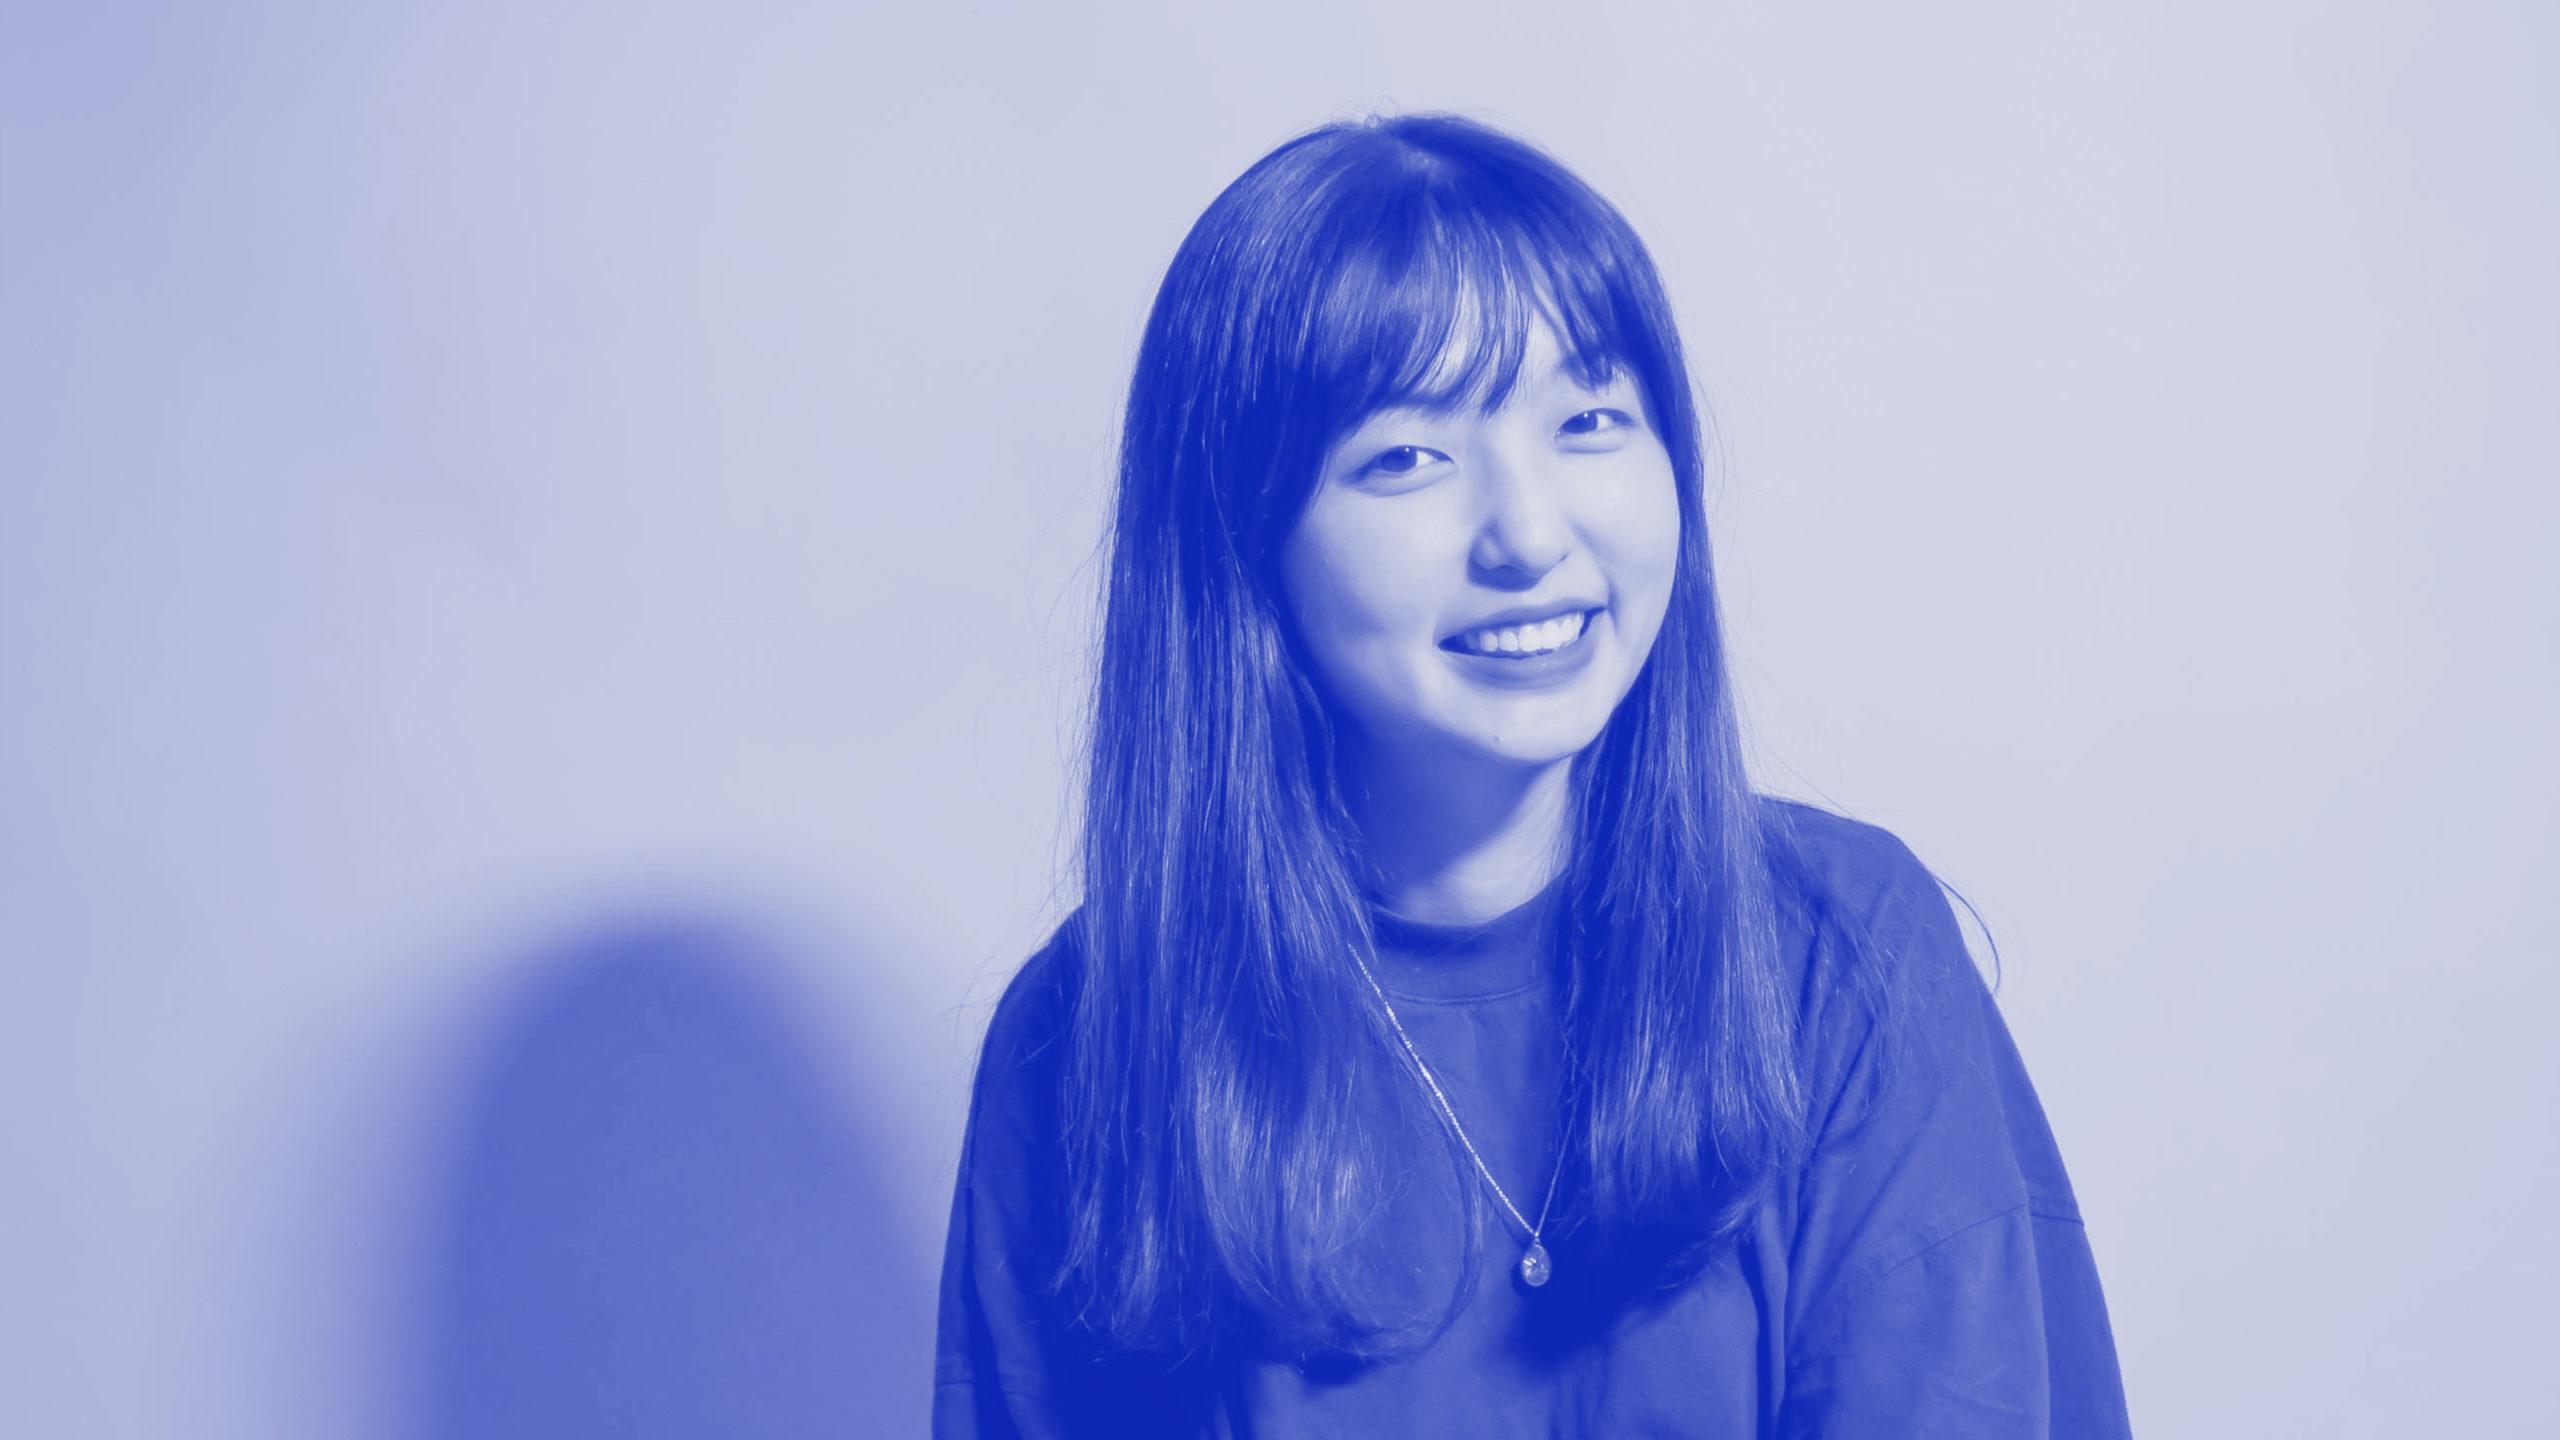 Jikun Tao portrait